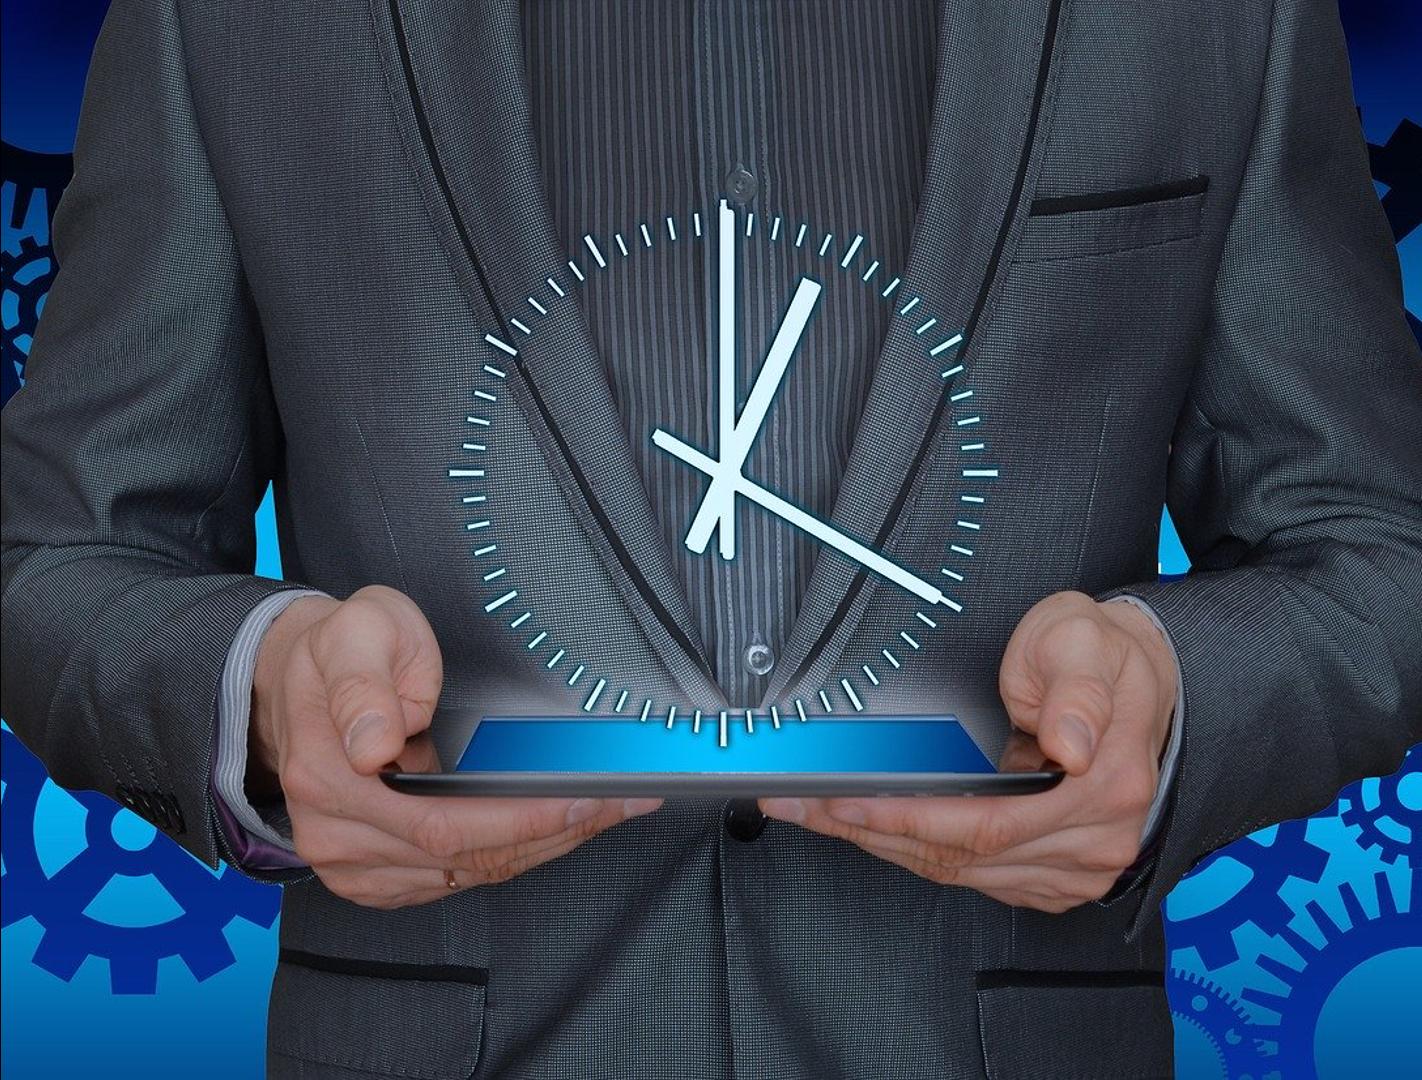 Libere tiempo operativo de compradores y consigue un rol más estratégico